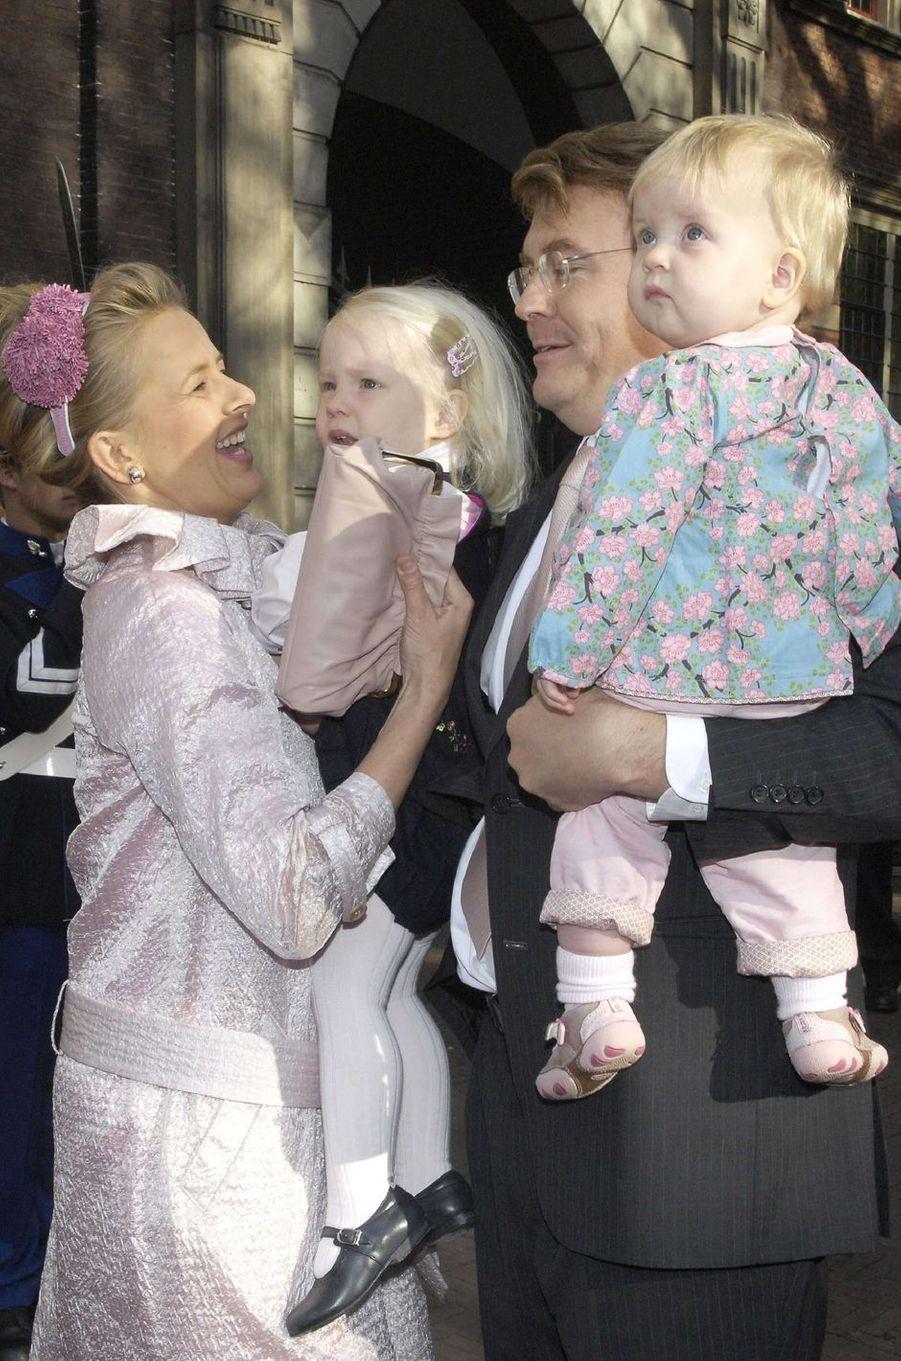 La princesse Mabel et le prince Friso d'Orange-Nassau avec leurs filles, le 20 octobre 2007